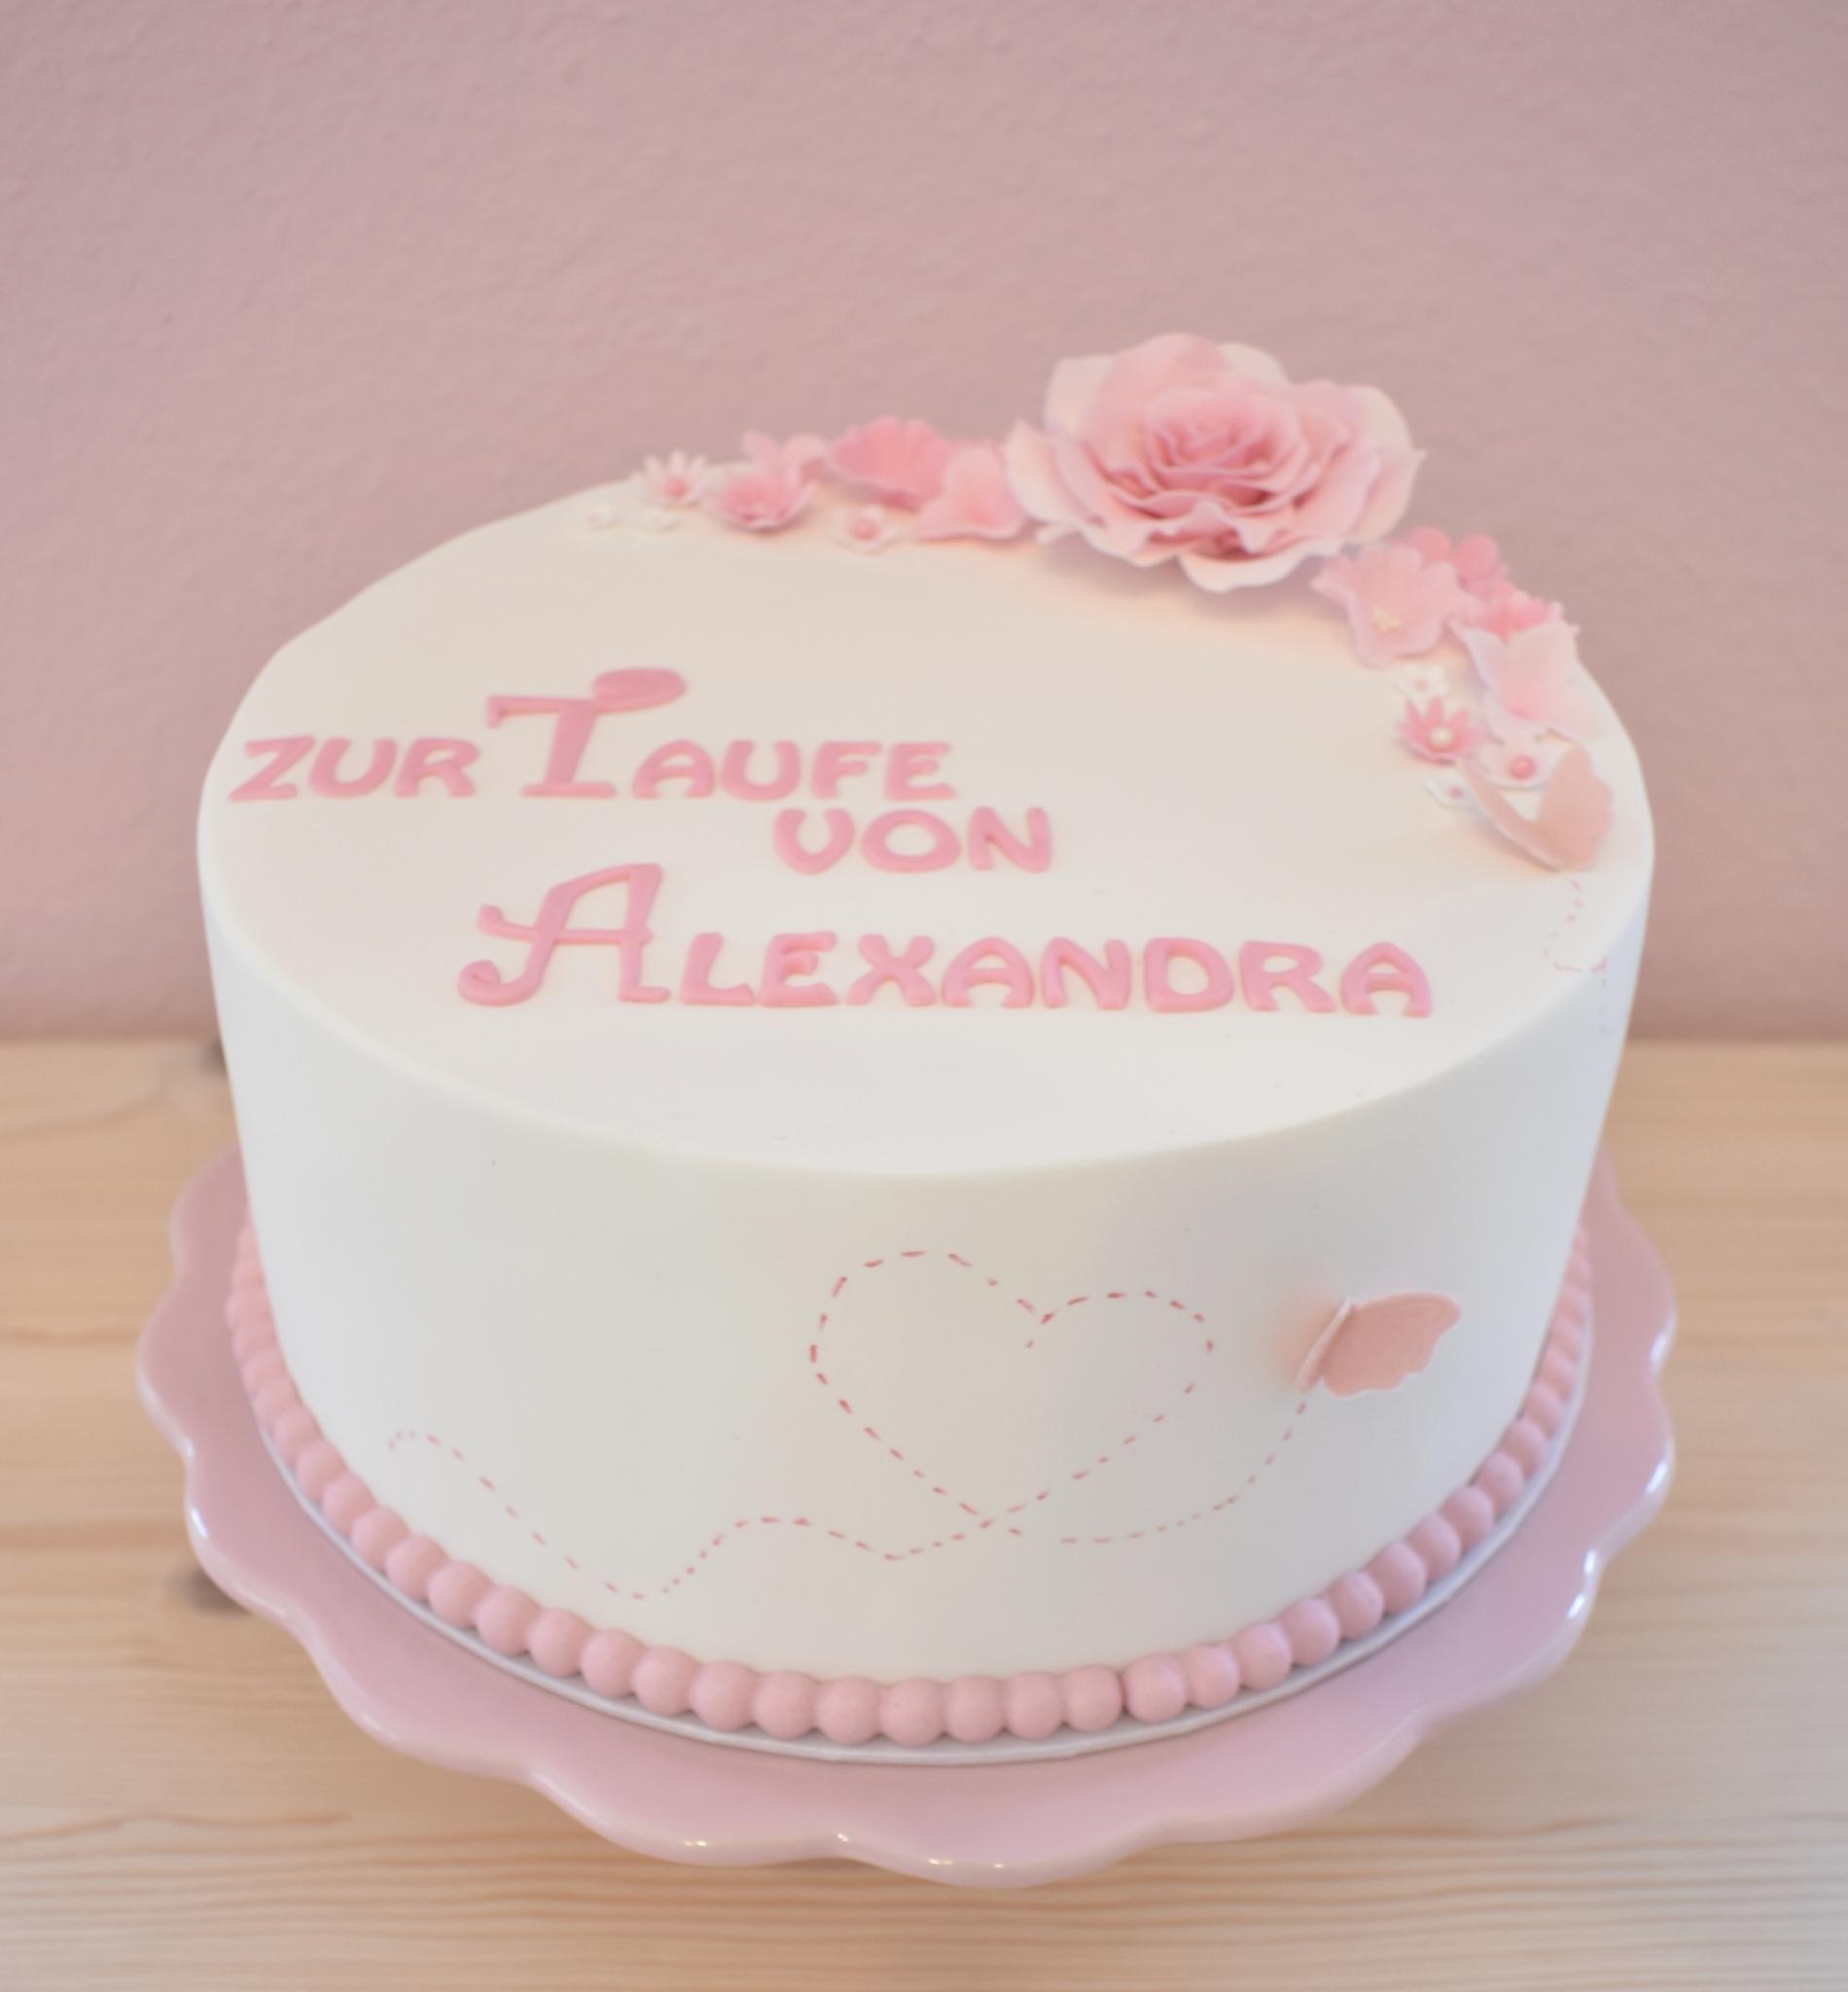 Taufe rosa1